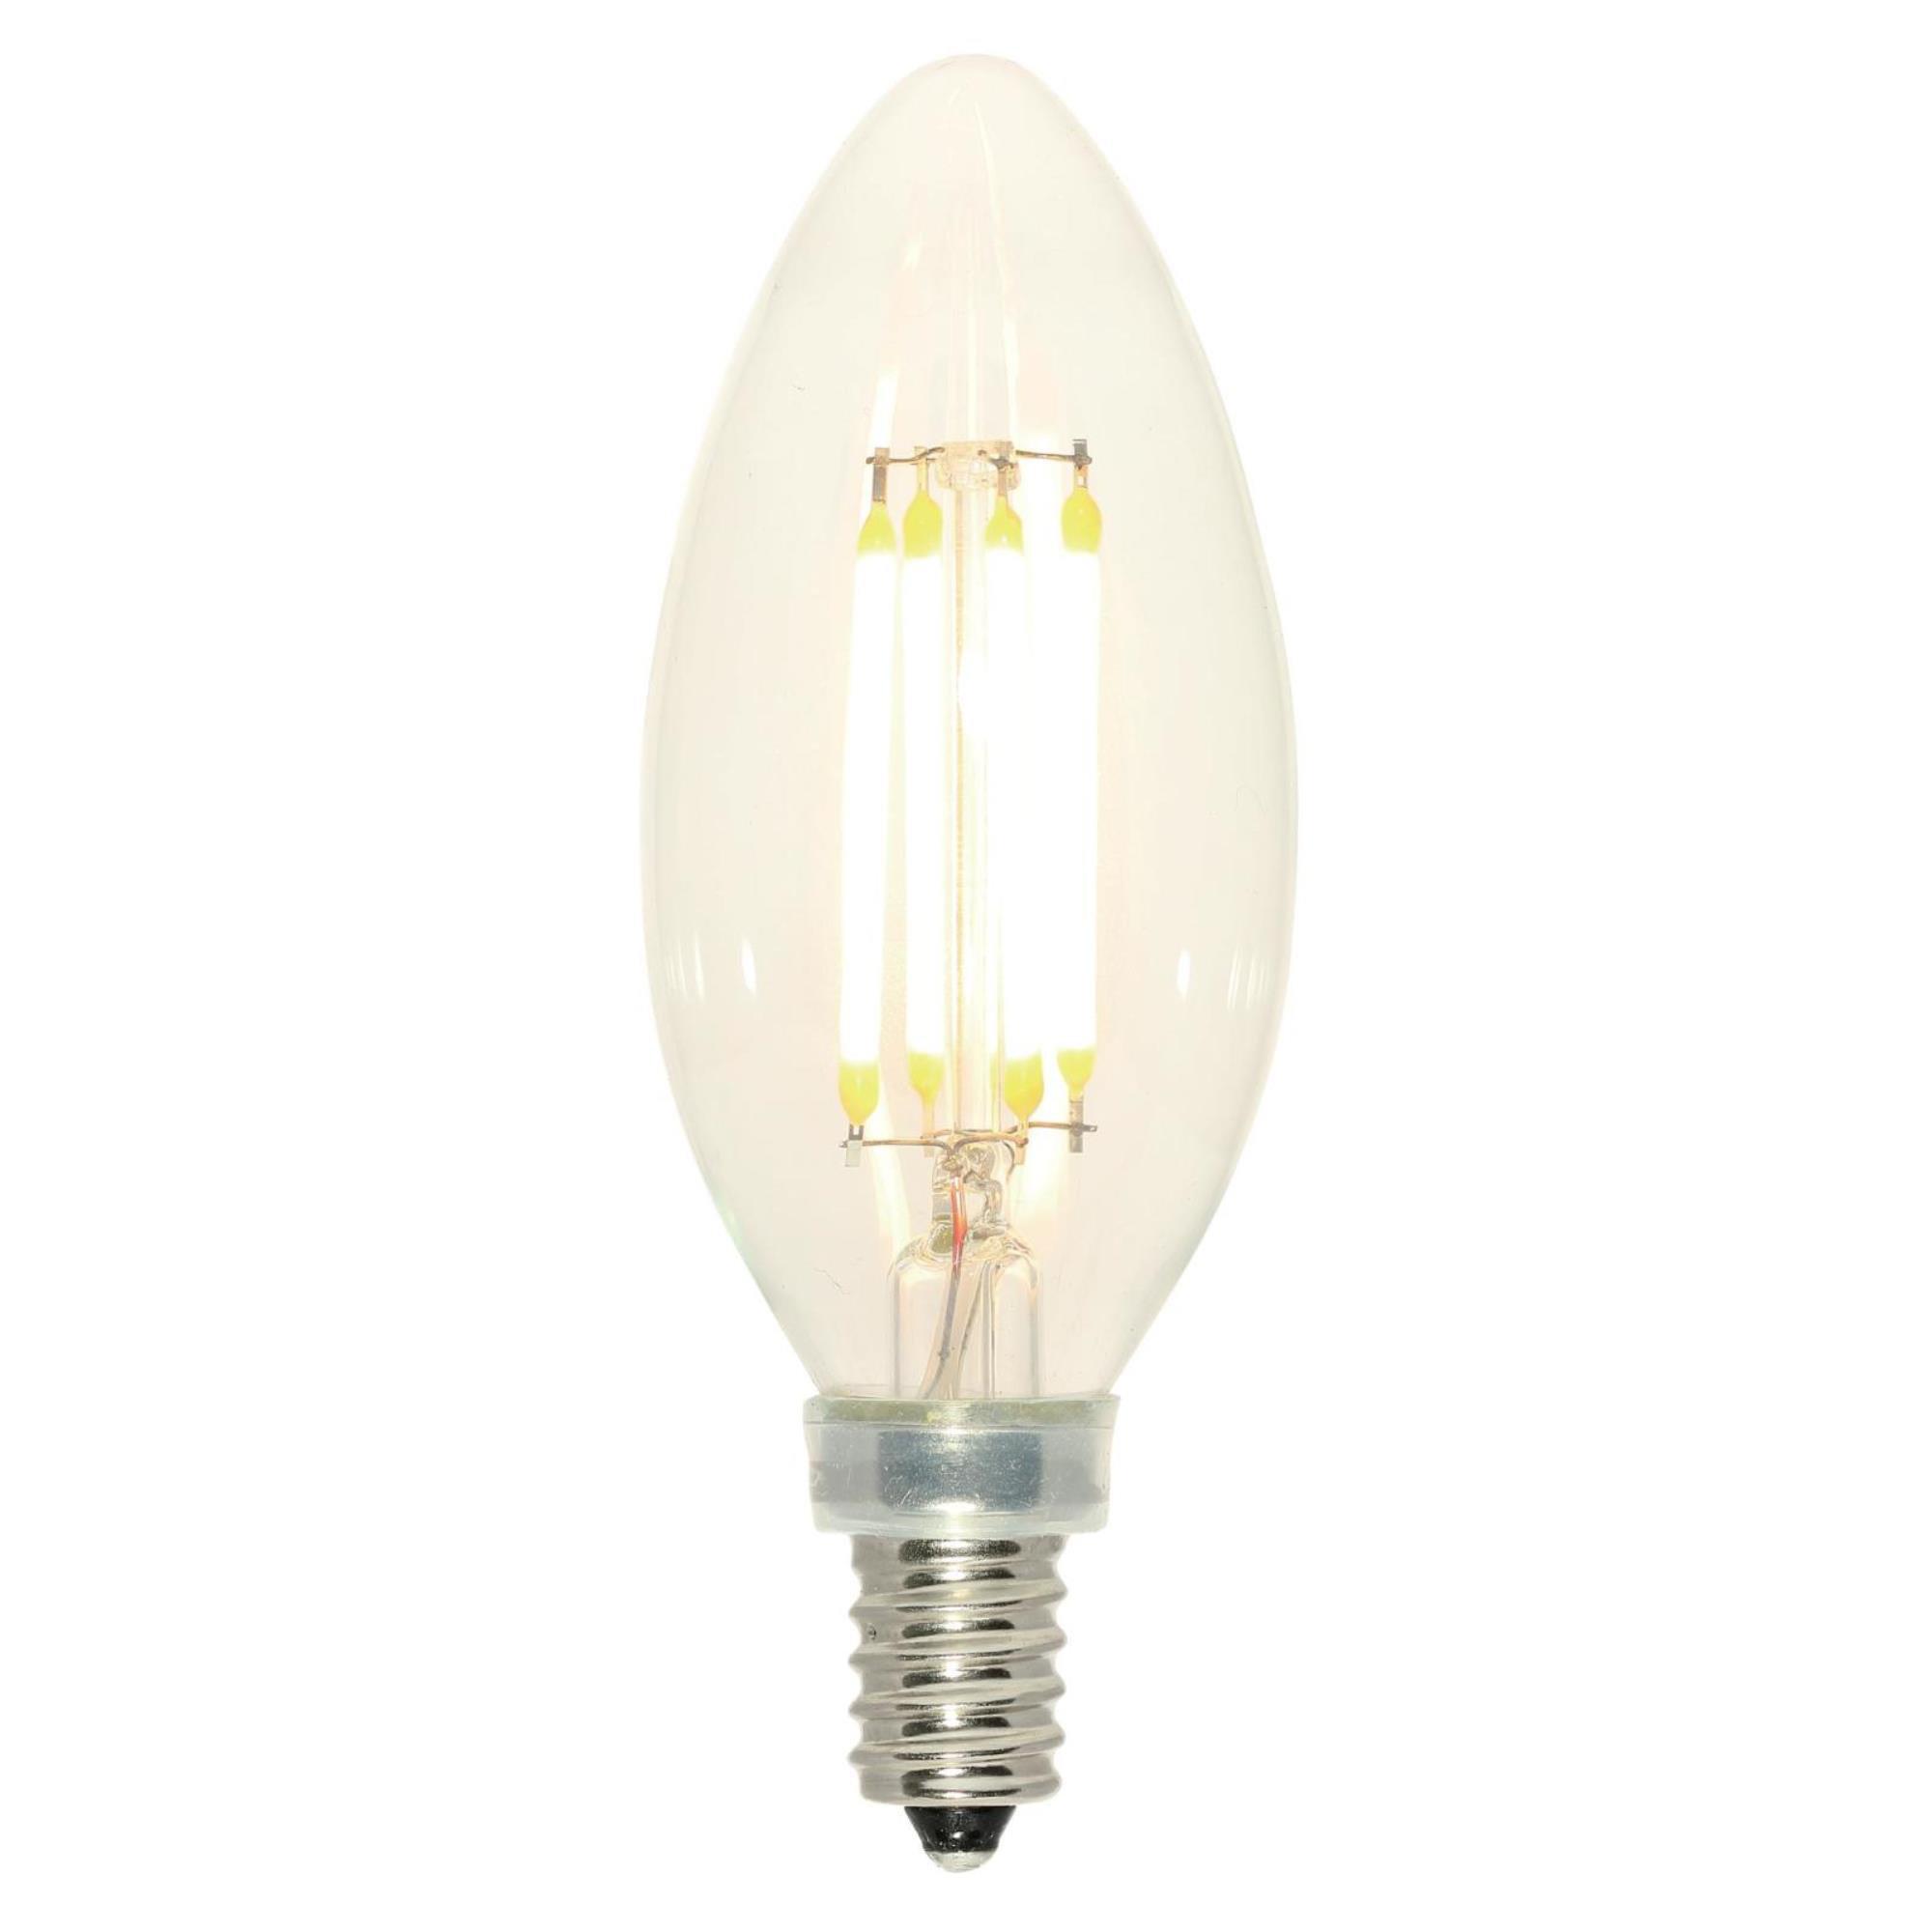 5061100 4 Watt E12 Dimmable Led Edison Candle Light Bulb